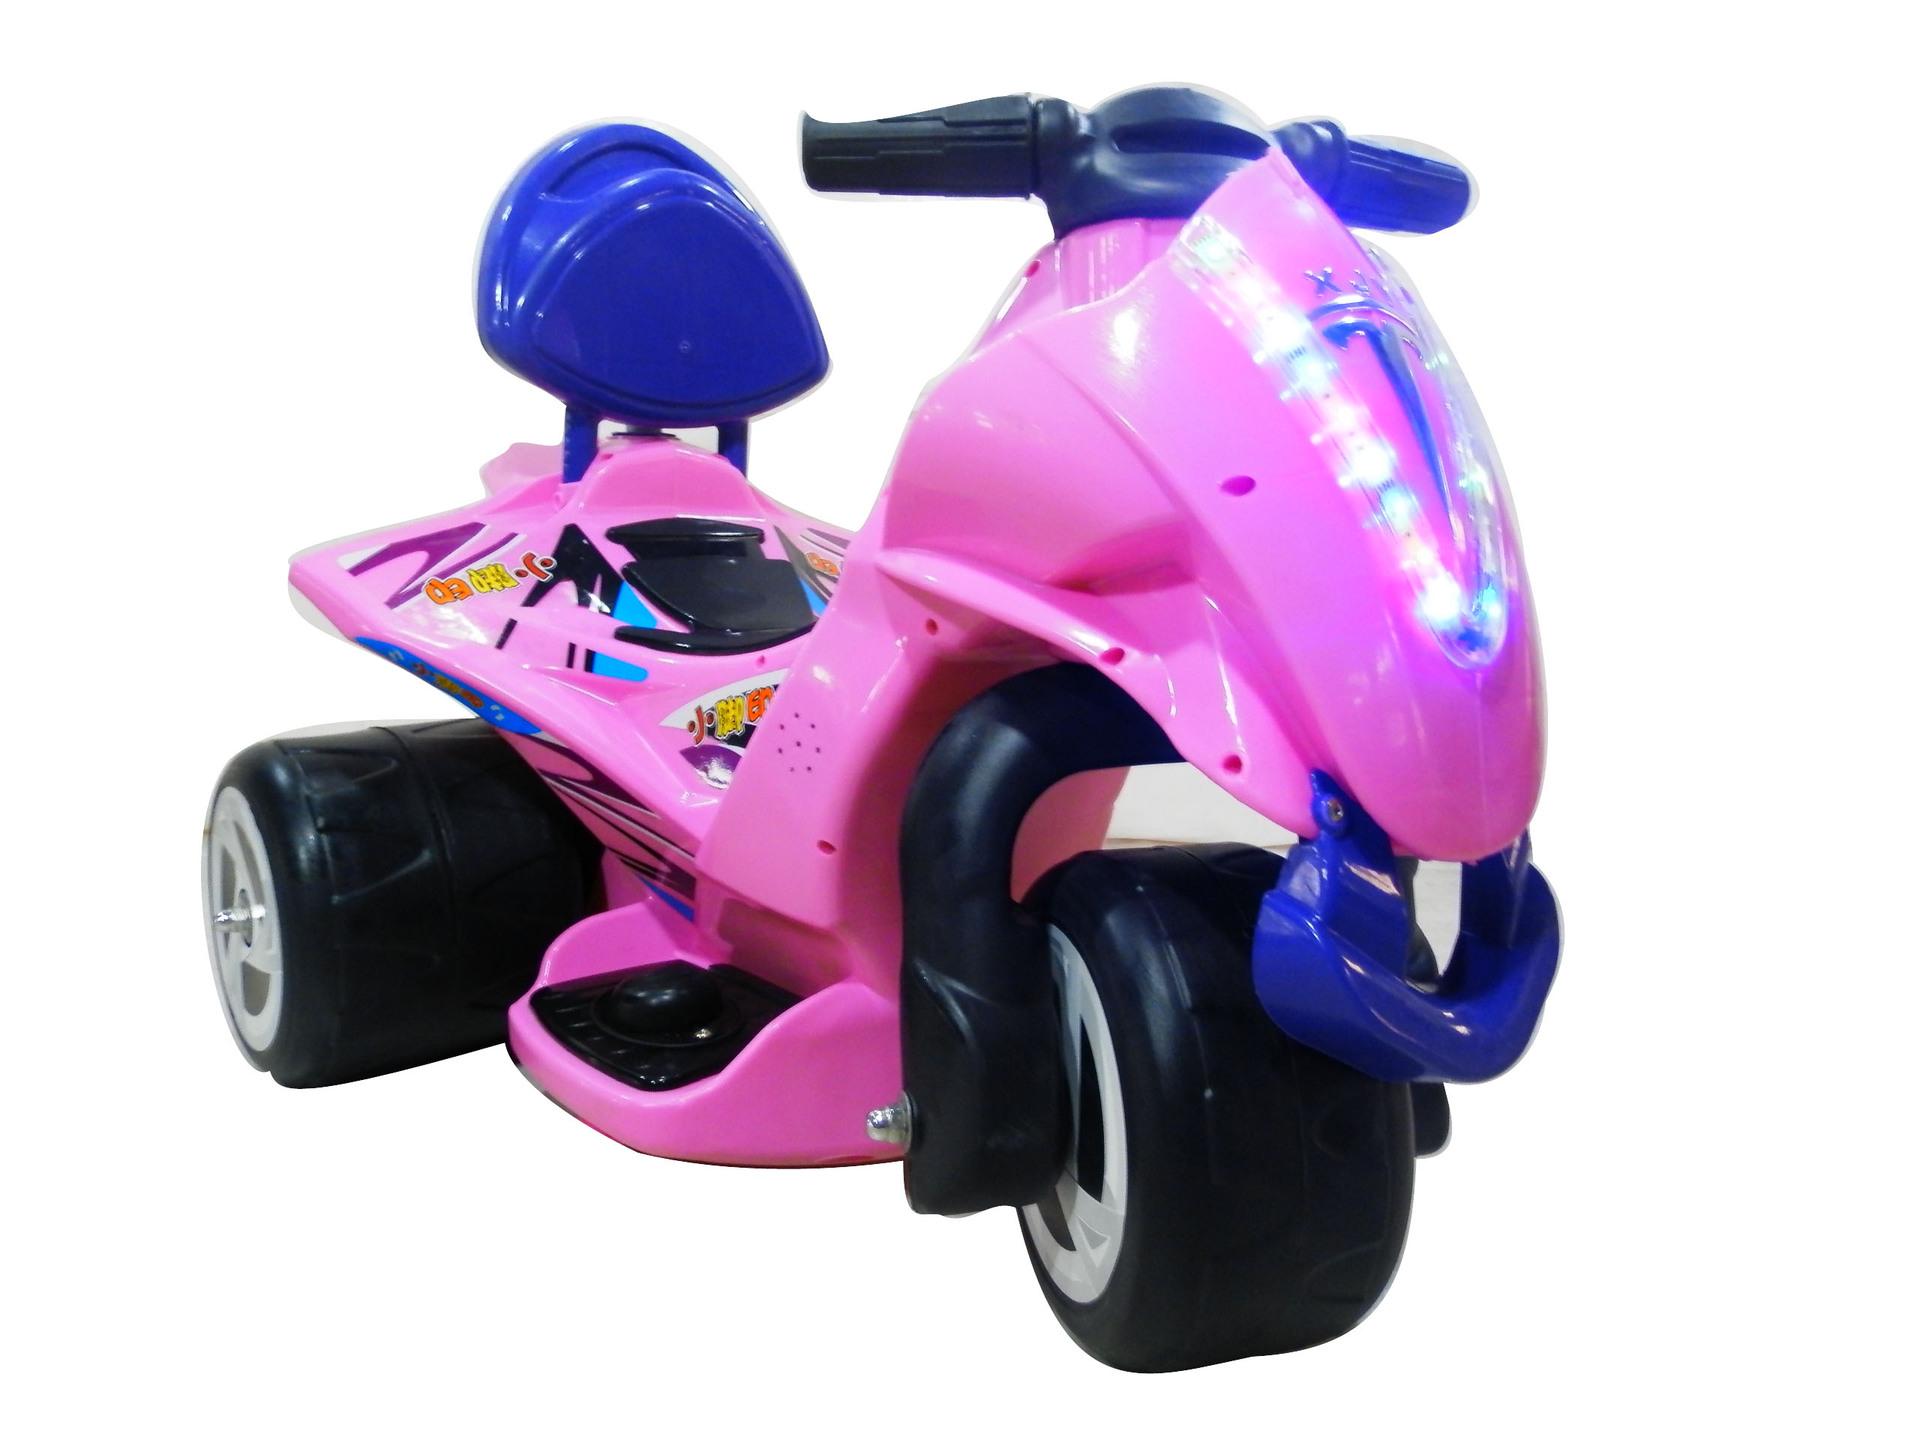 小脚印2015儿童可坐电动车摩托车童车三轮车新款儿童三轮车